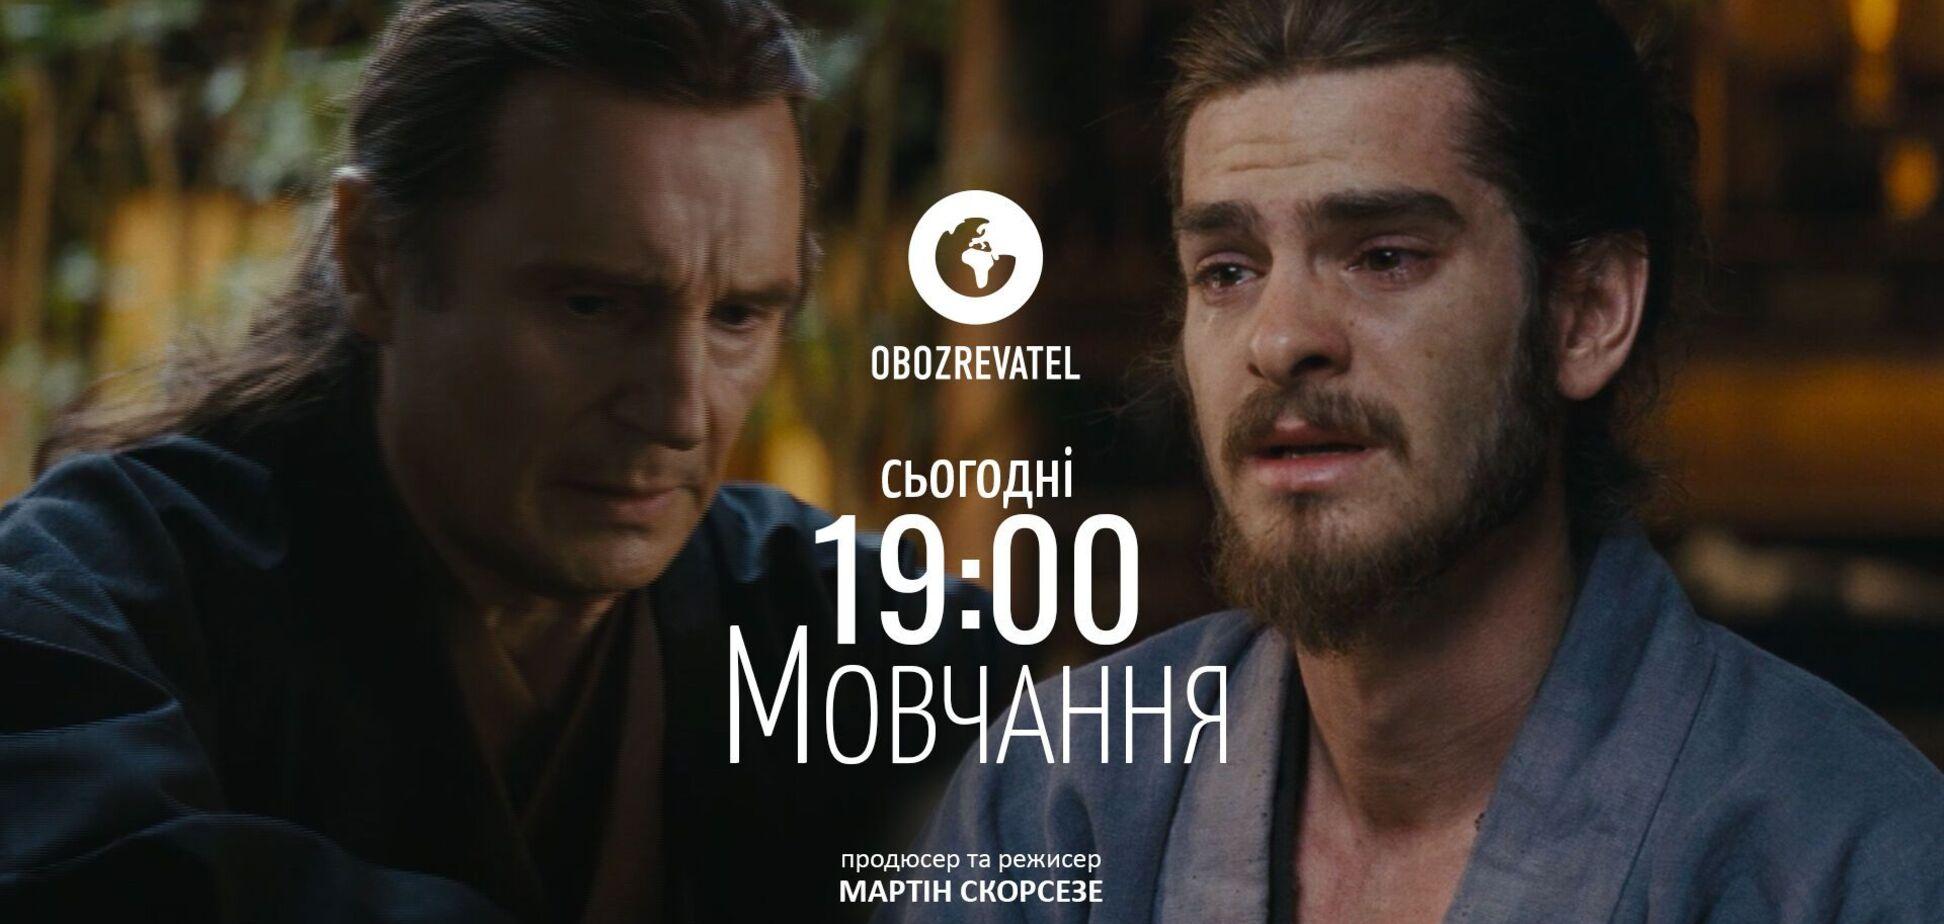 'Мовчання' – історико-драматичний фільм від оскароносного Мартіна Скорсезе